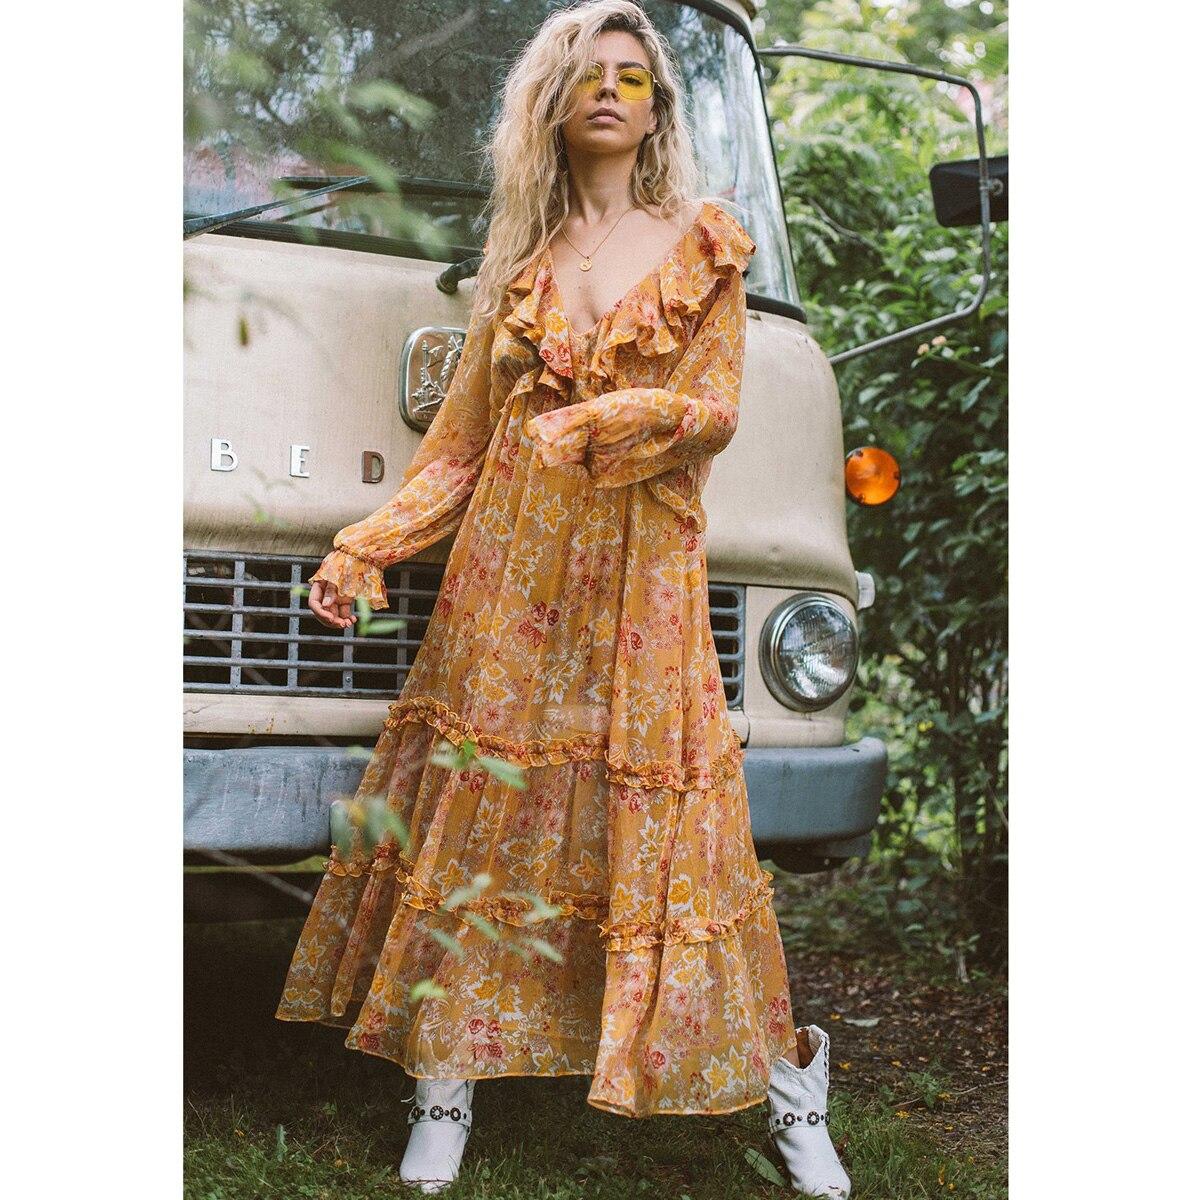 Jastie à volants col en V robe d'été à manches longues imprimé Floral robes femmes vêtements 2019 été Boho robe de plage avec robe mi-longue doublée